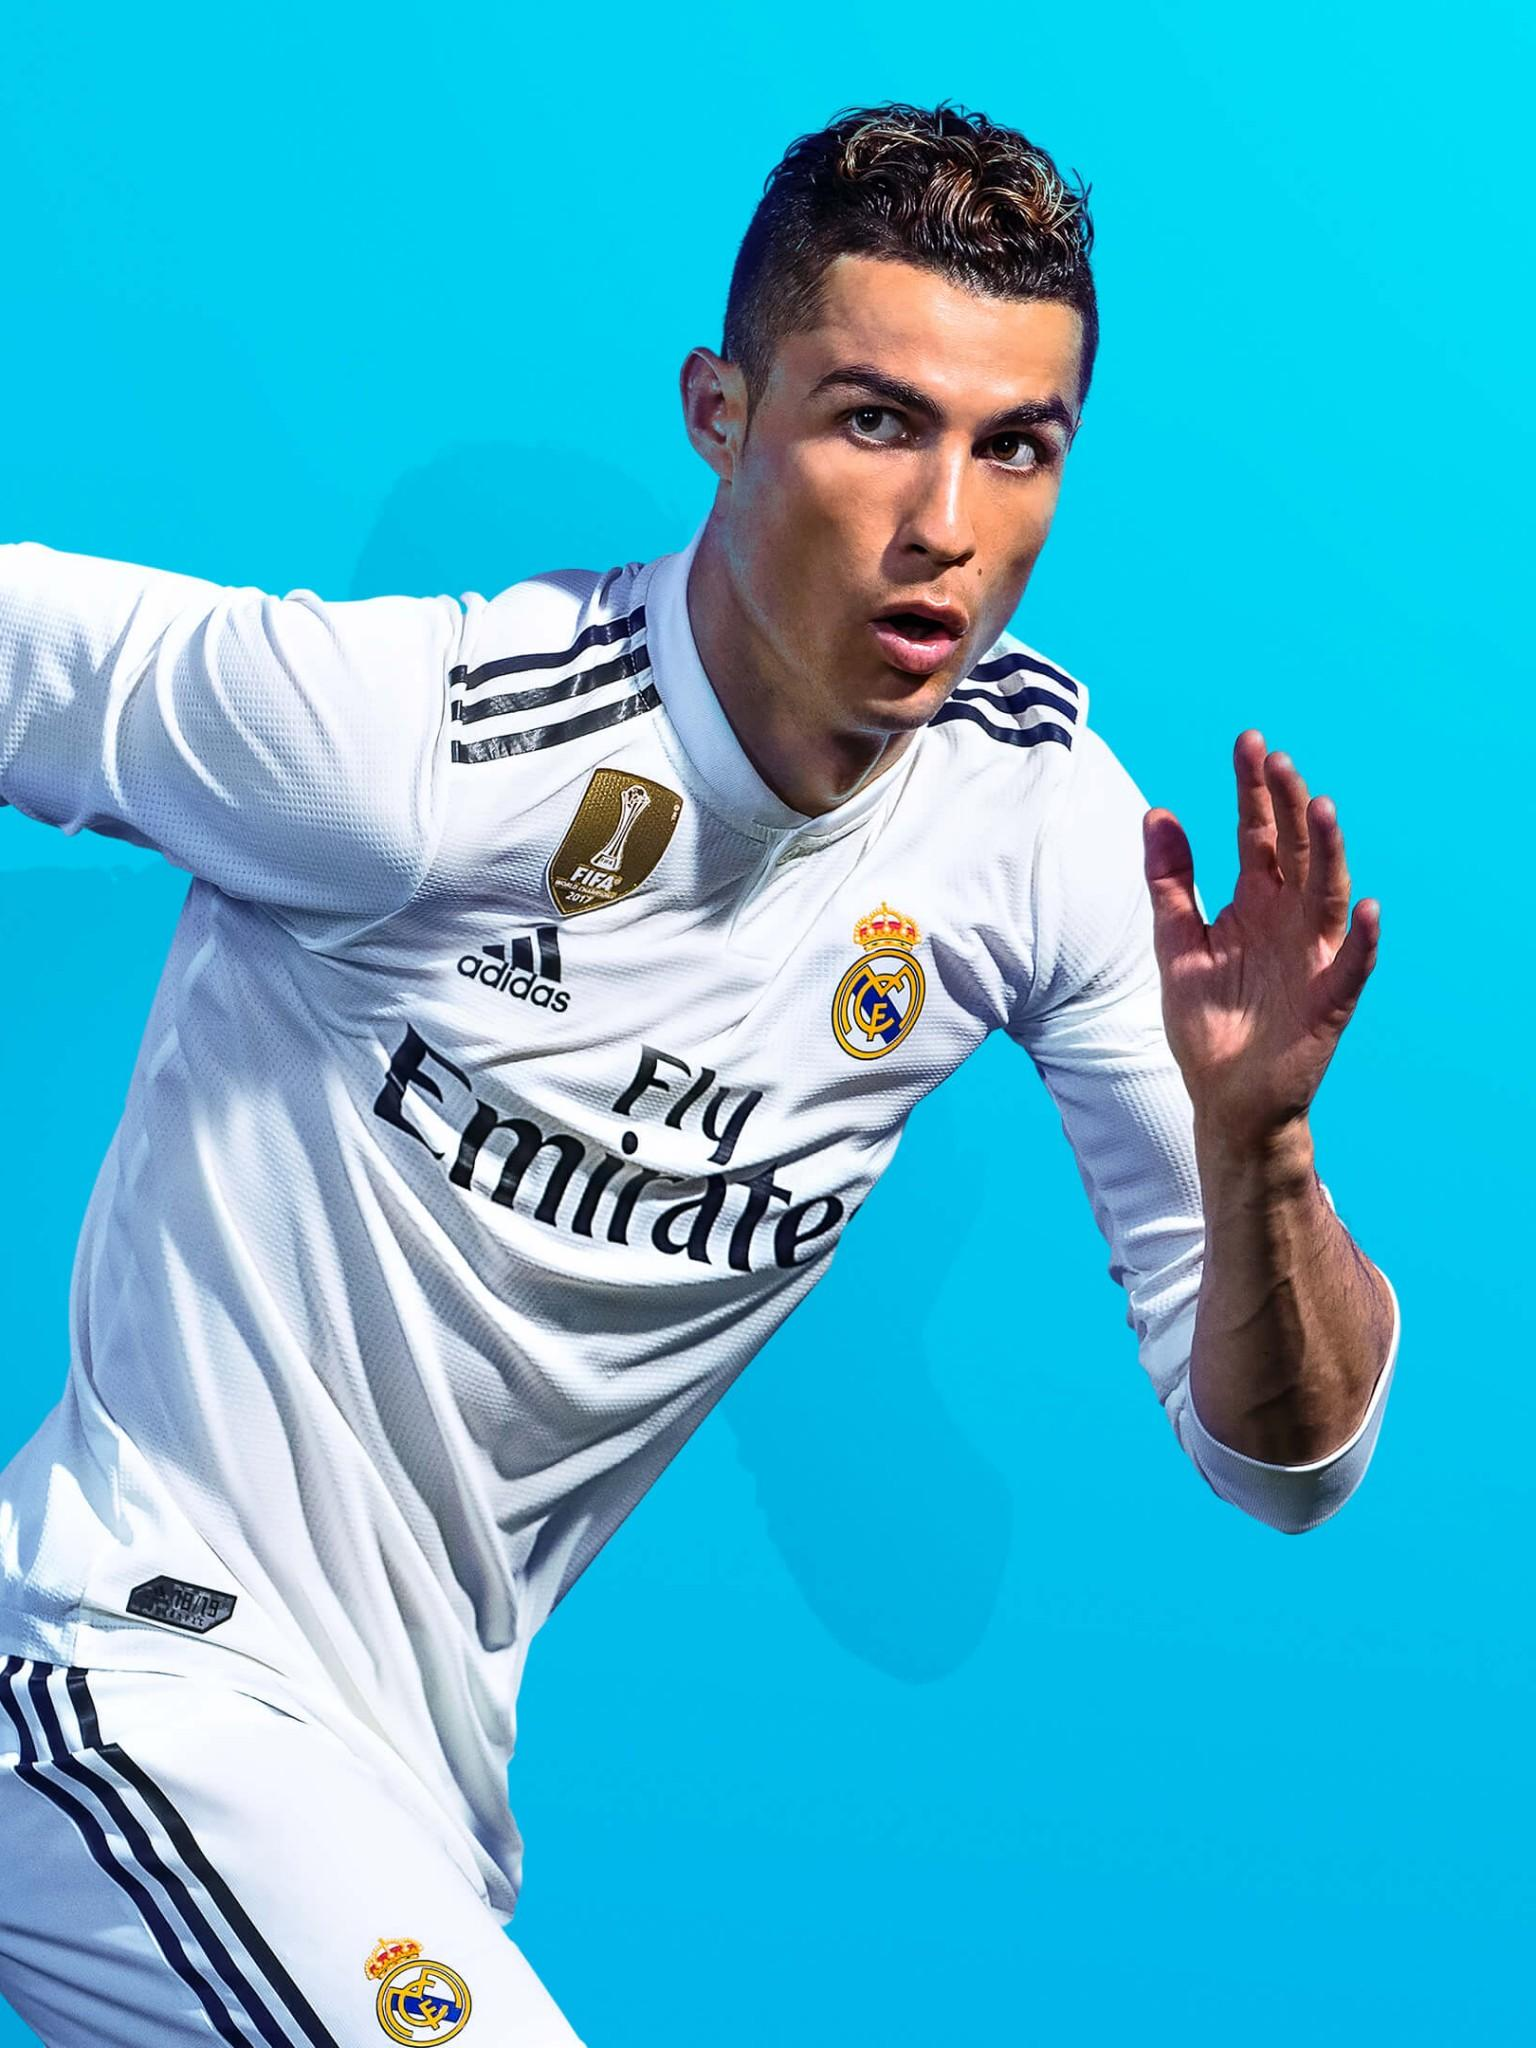 Ronaldo HD 4k Mobile Wallpapers - Wallpaper Cave